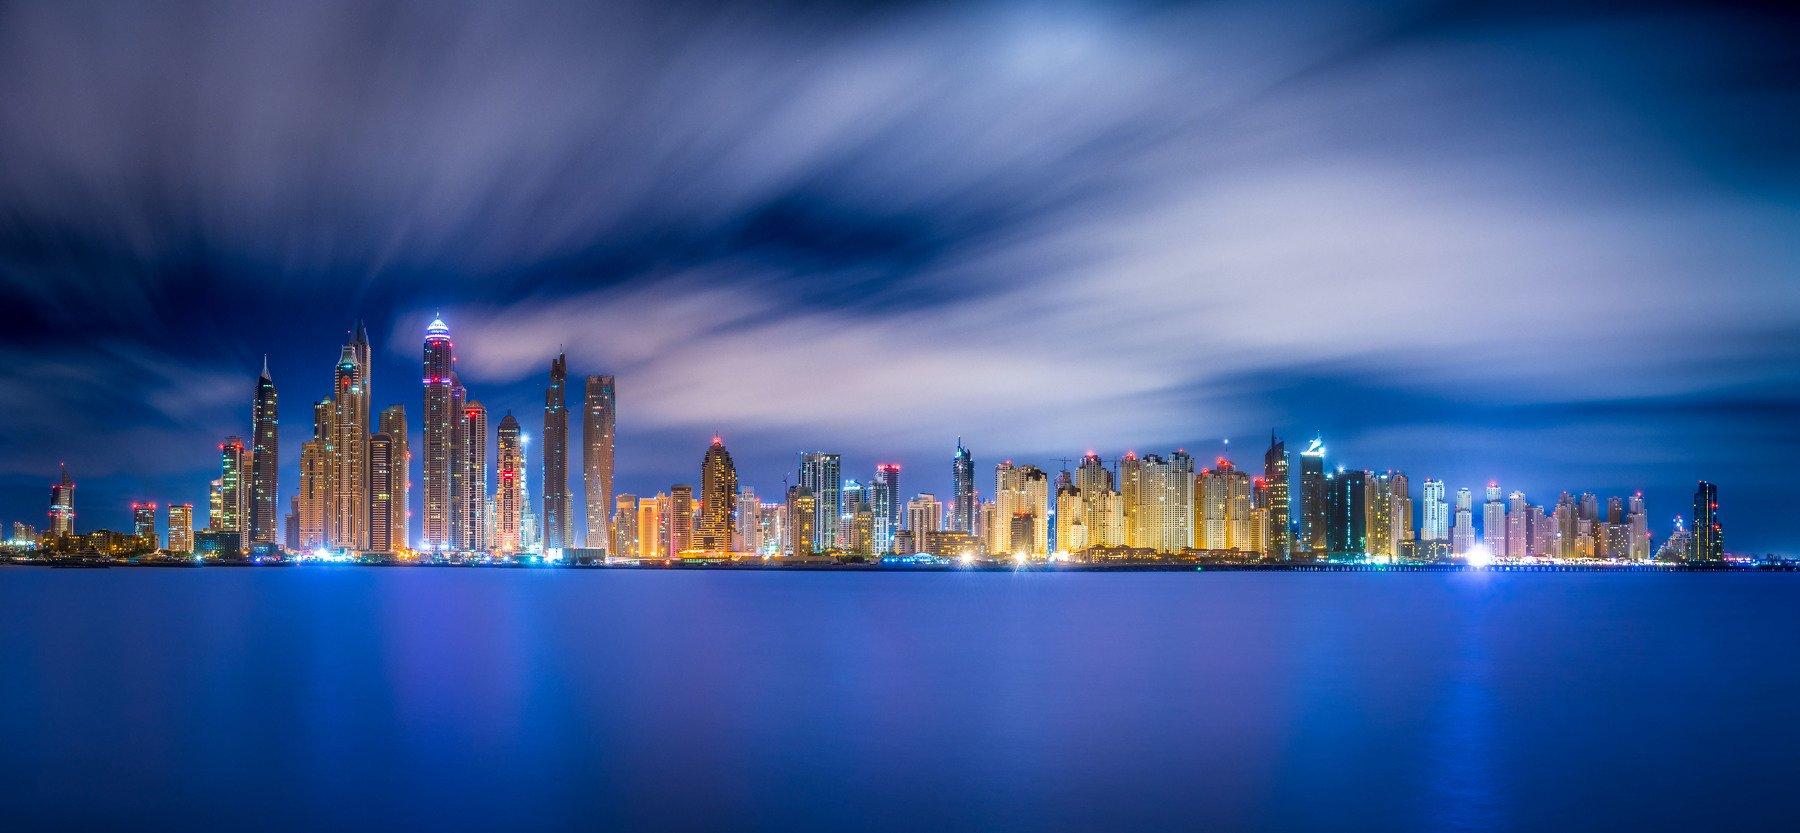 дубай, оаэ, эмираты, город, архитектура, небоскребы, ночь, облака, dubai, uae, cityscape, architecture, Alex Mayer